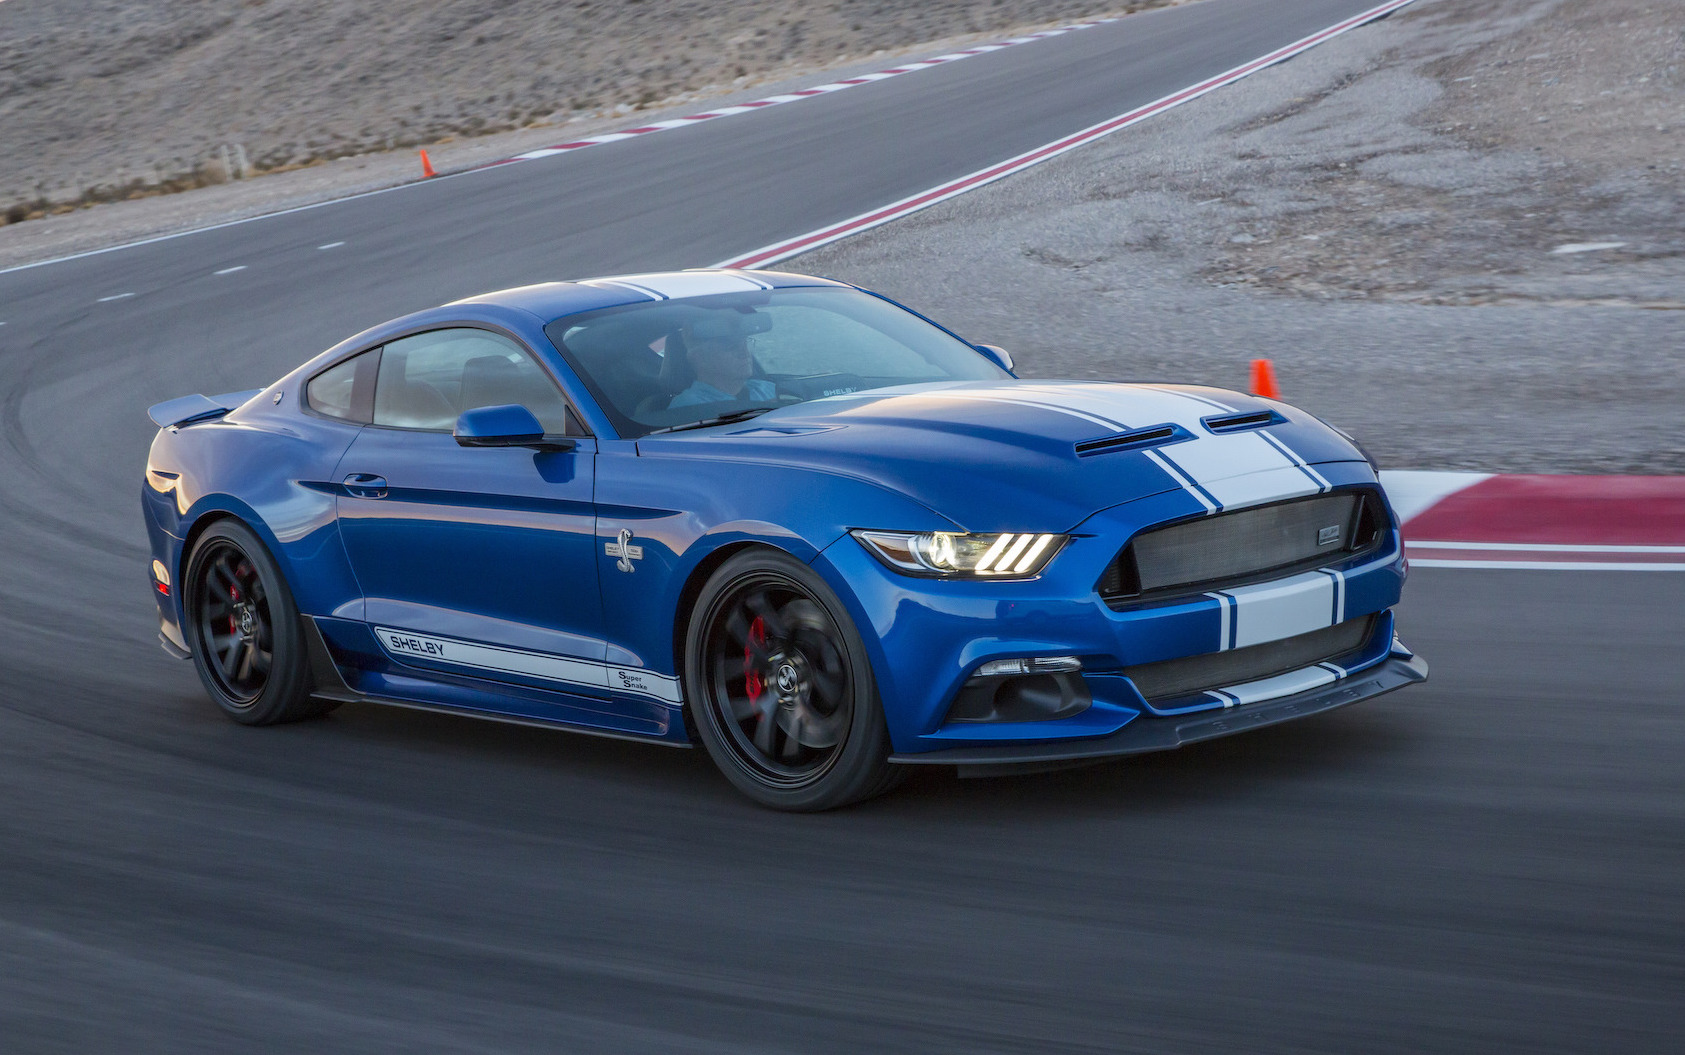 Ford Mustang Shelby Super Snake Packs 670hp for $71k